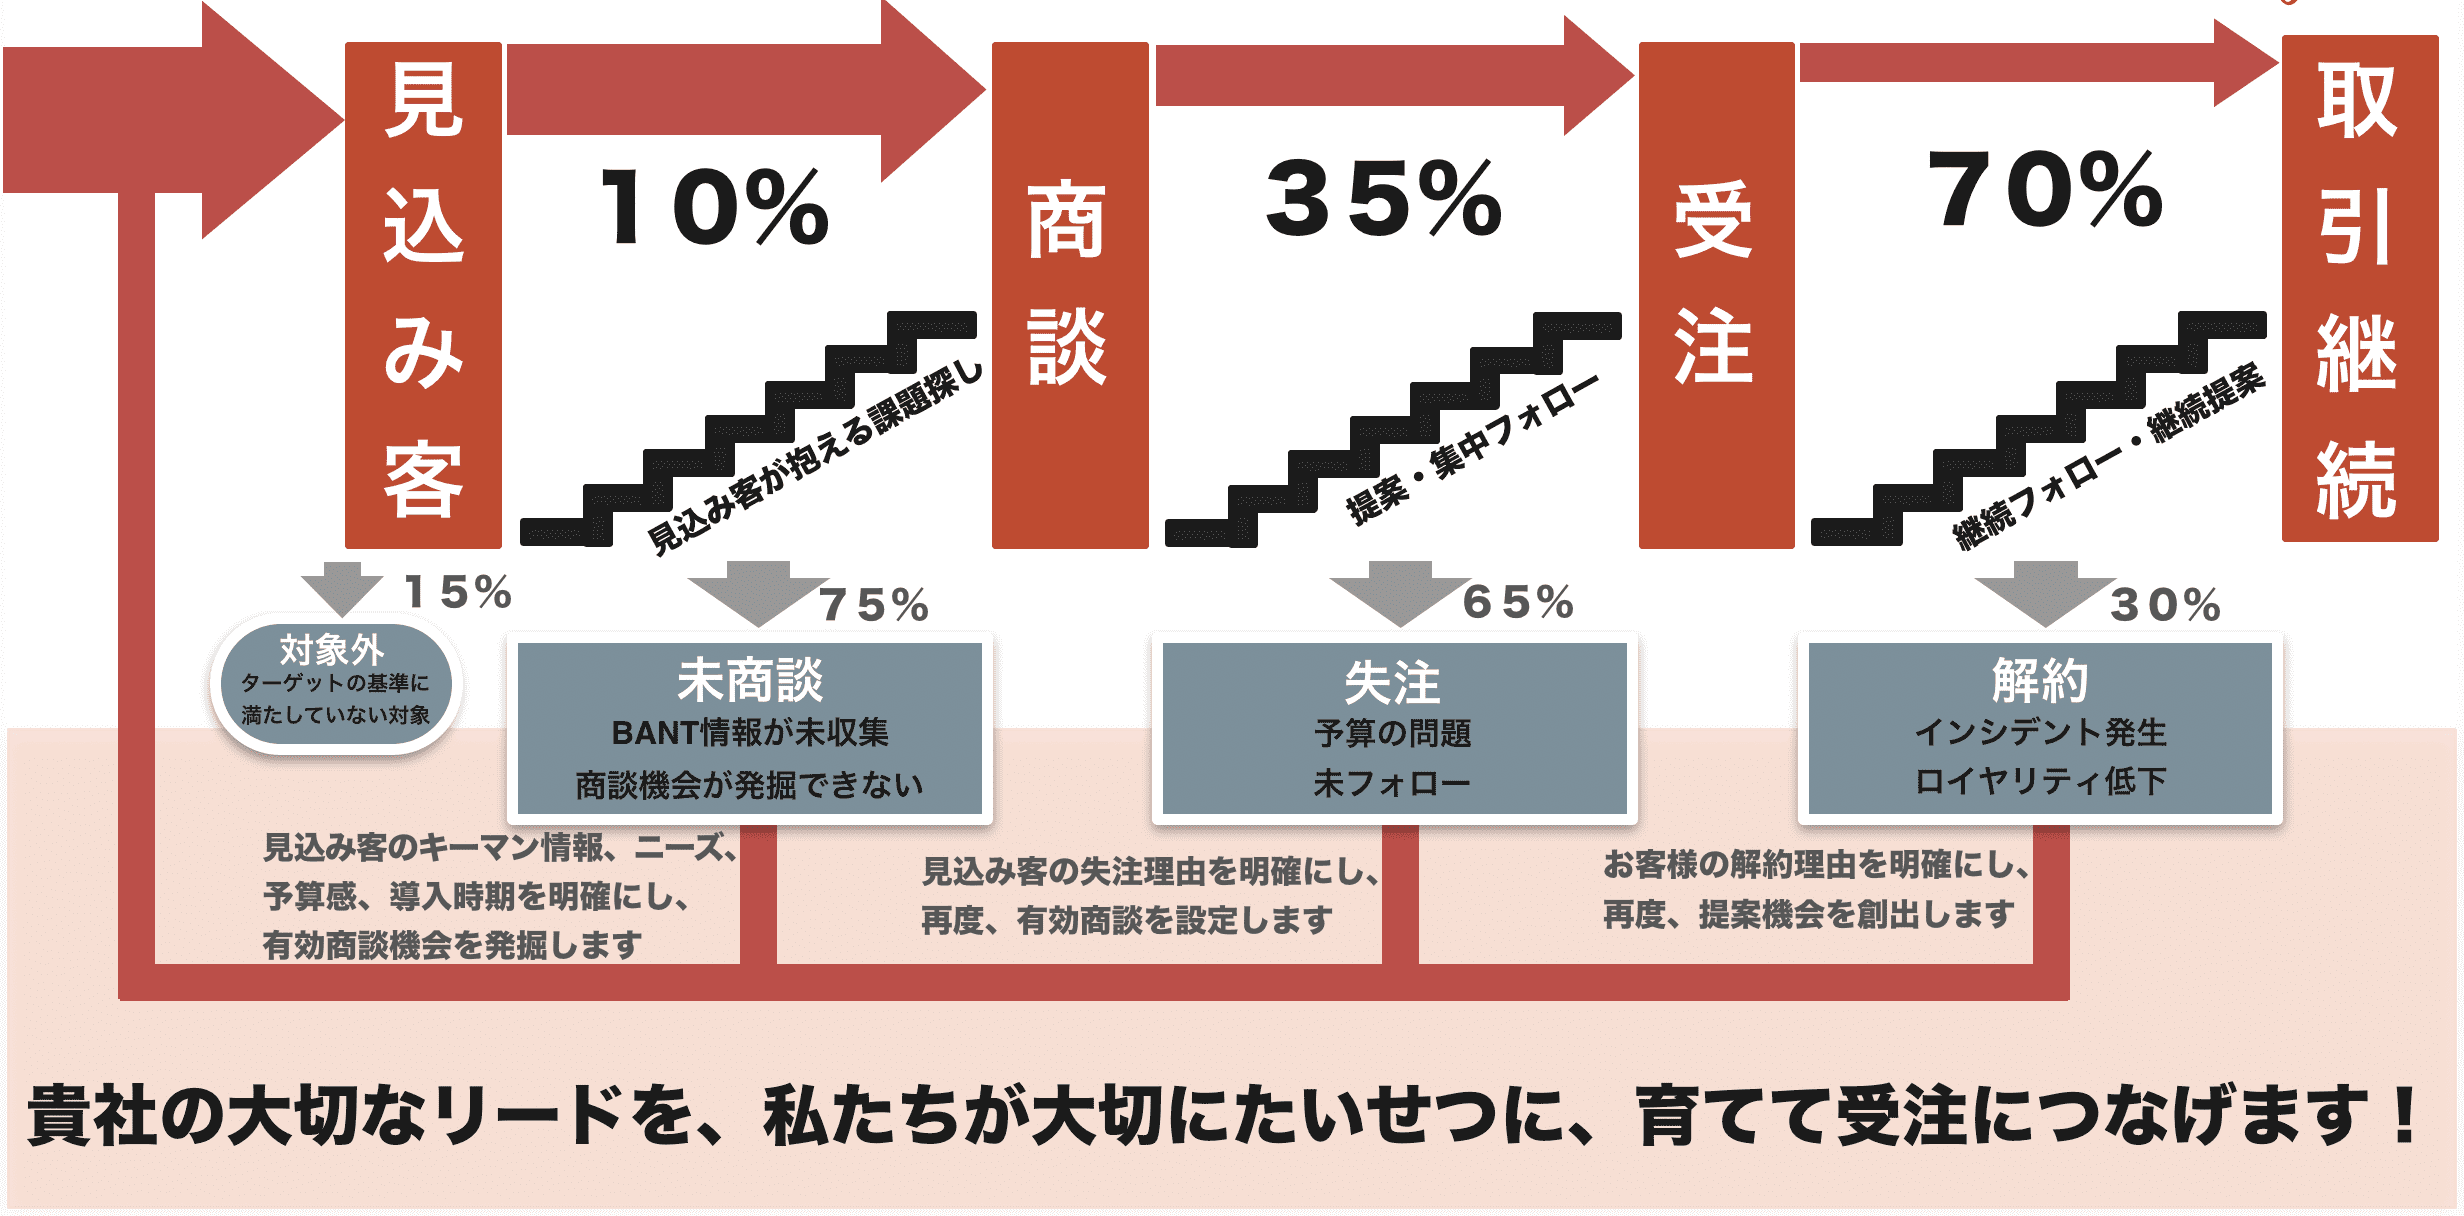 hajimari インサイドセールス